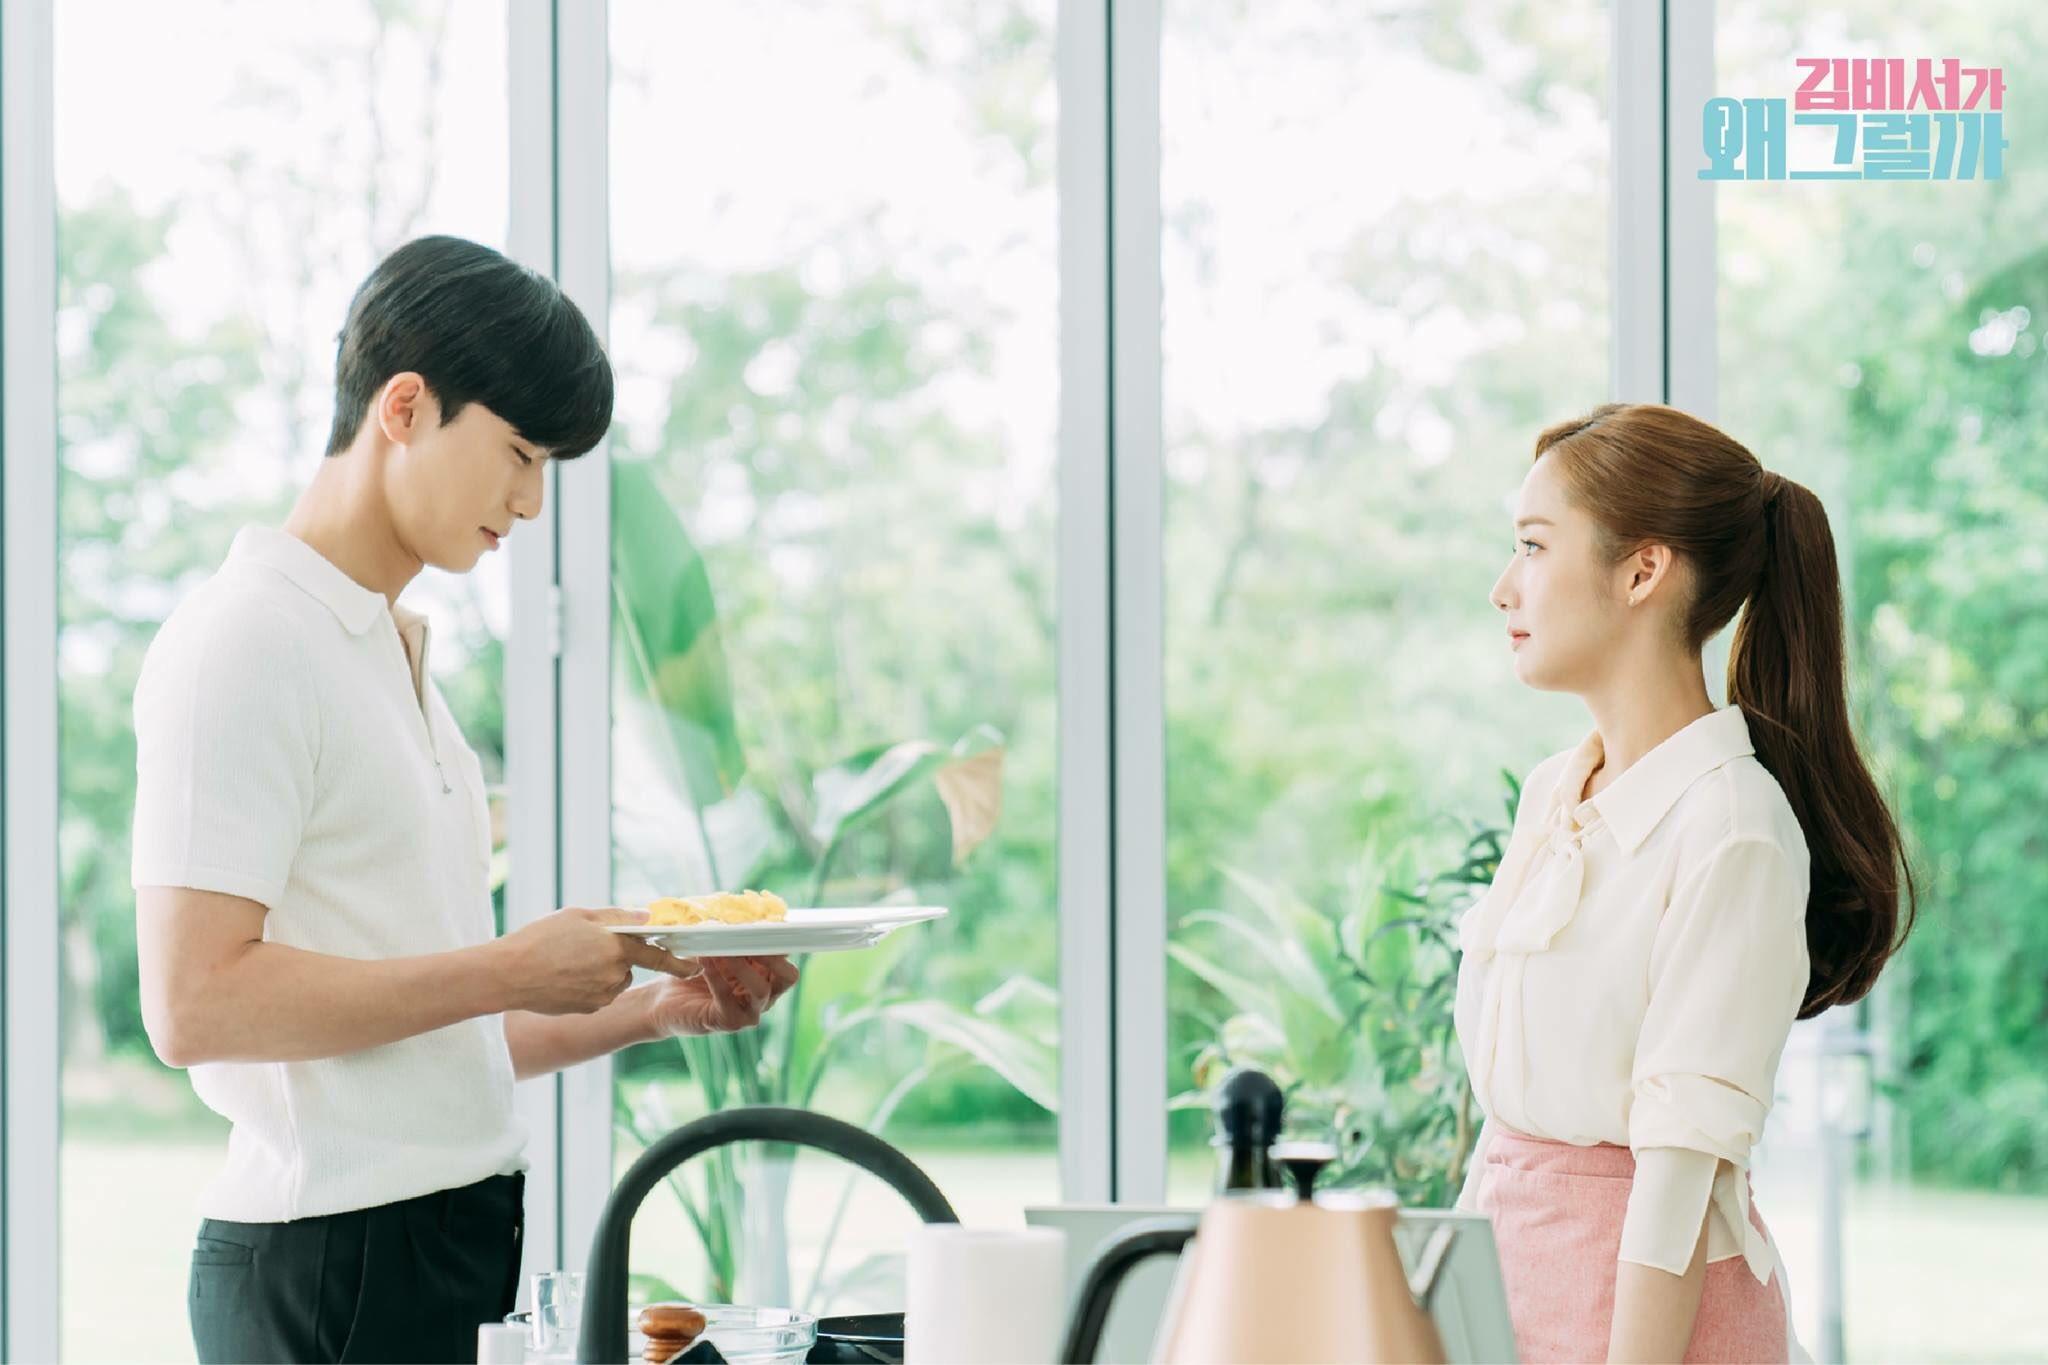 Thư ký Kim lần đầu tự tay nấu bữa sáng tình yêu cho Park Seo Joon - Ảnh 2.